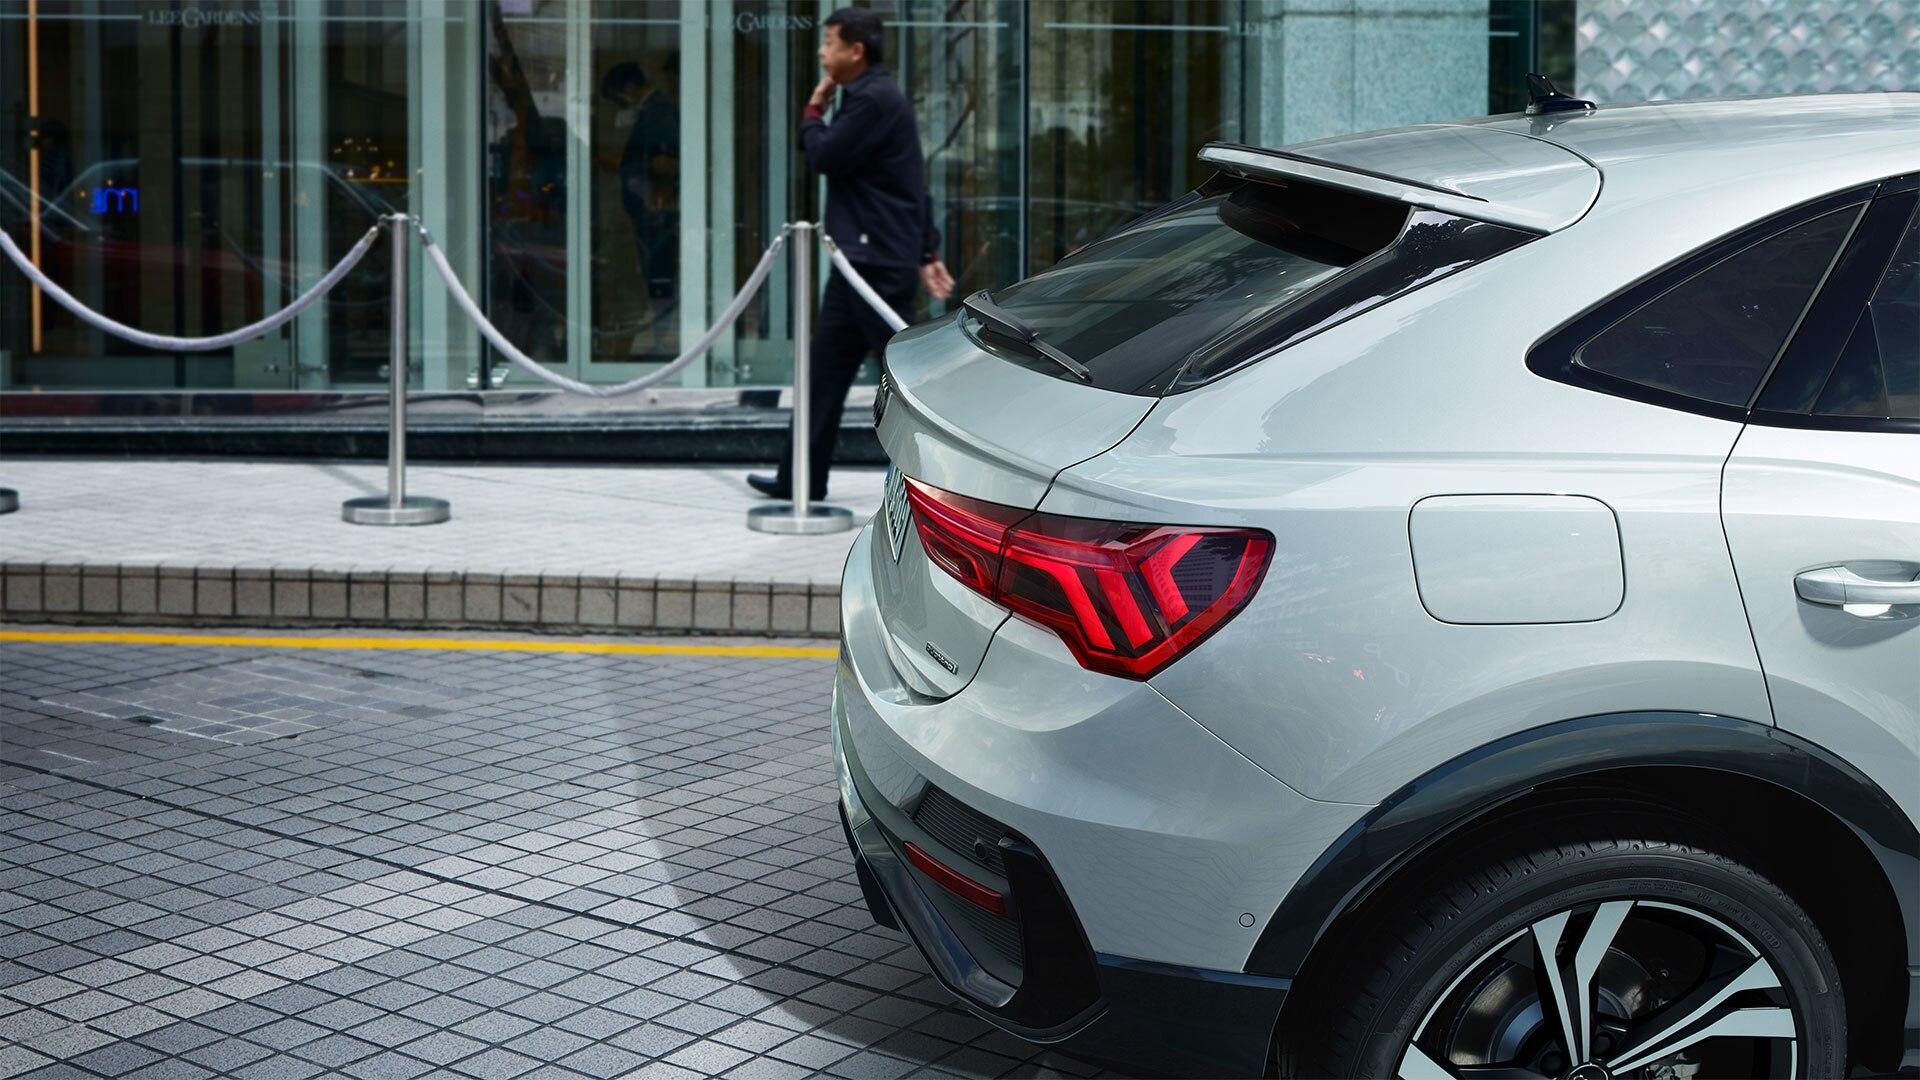 Nuova Audi Q3 Sportback - Catte Auto Sardegna